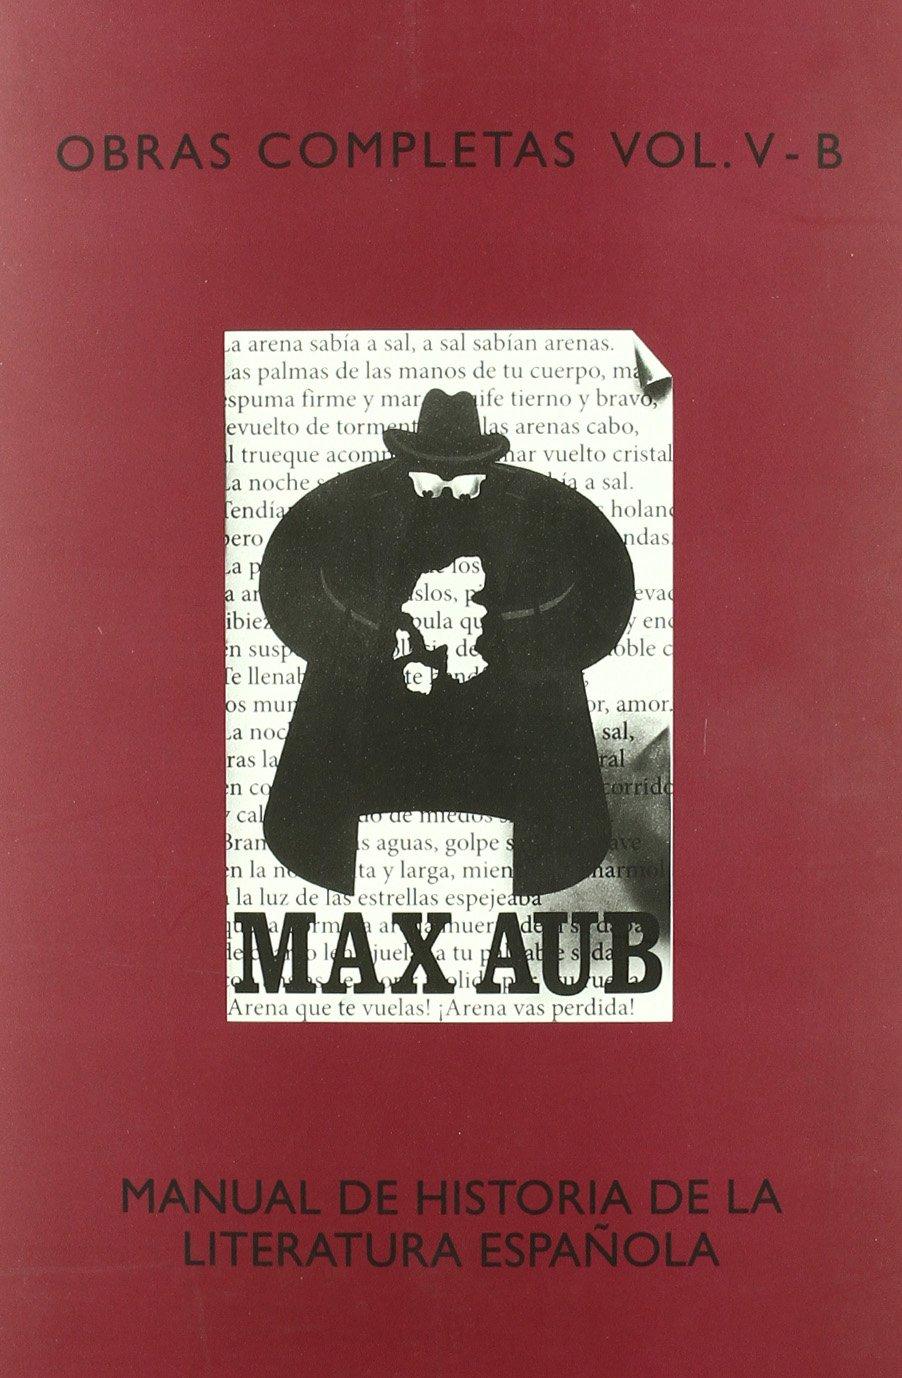 Manual De Historia De La Literatura EspaÑola: Amazon.es: Aub, Max ...